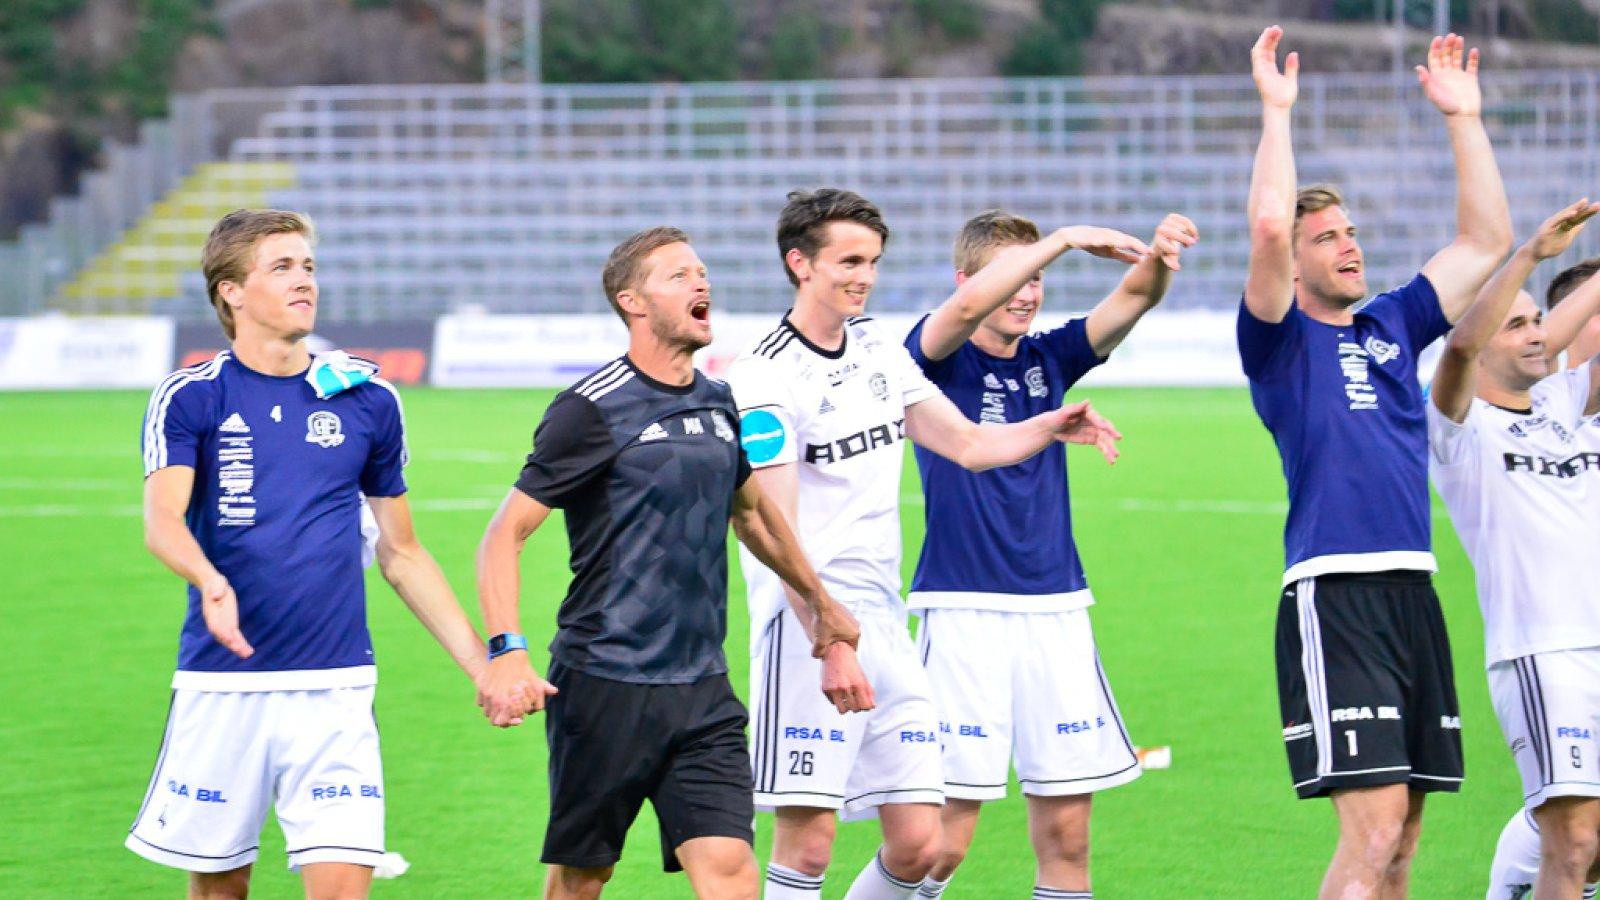 Jubel etter viktig seier på hjemmebane mot Brattvåg.